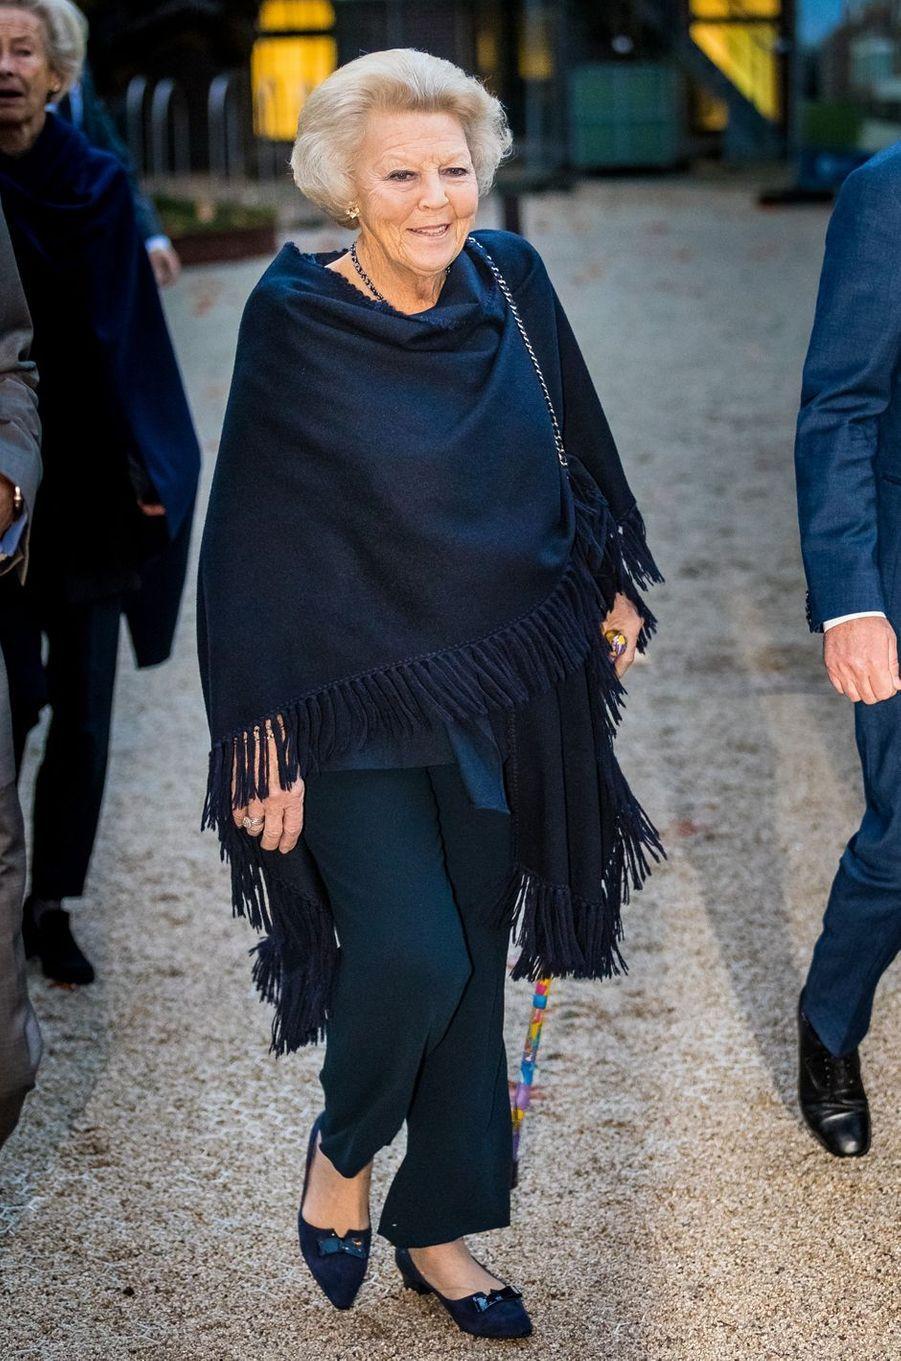 La princesse Beatrix des Pays-Bas arrive au Jardin botanique à Leyde, le 7 novembre 2016